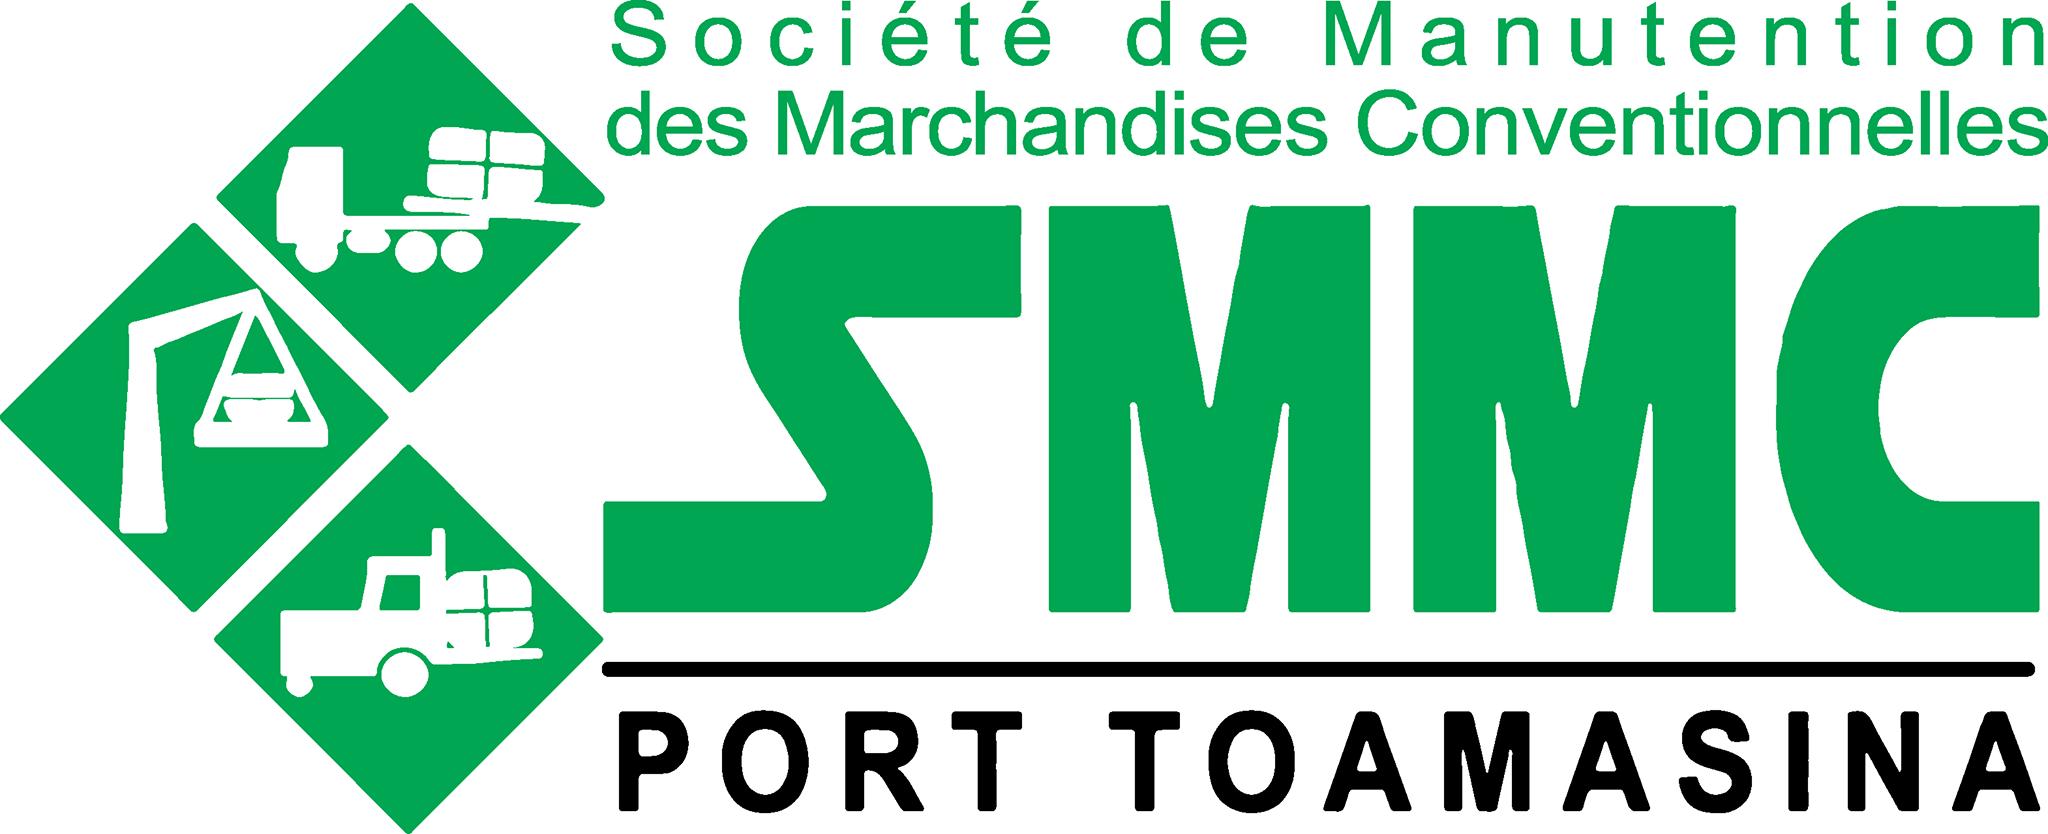 SOCIETE DE MANUTENTION DES MARCHANDISES CONVENTIONNELLES